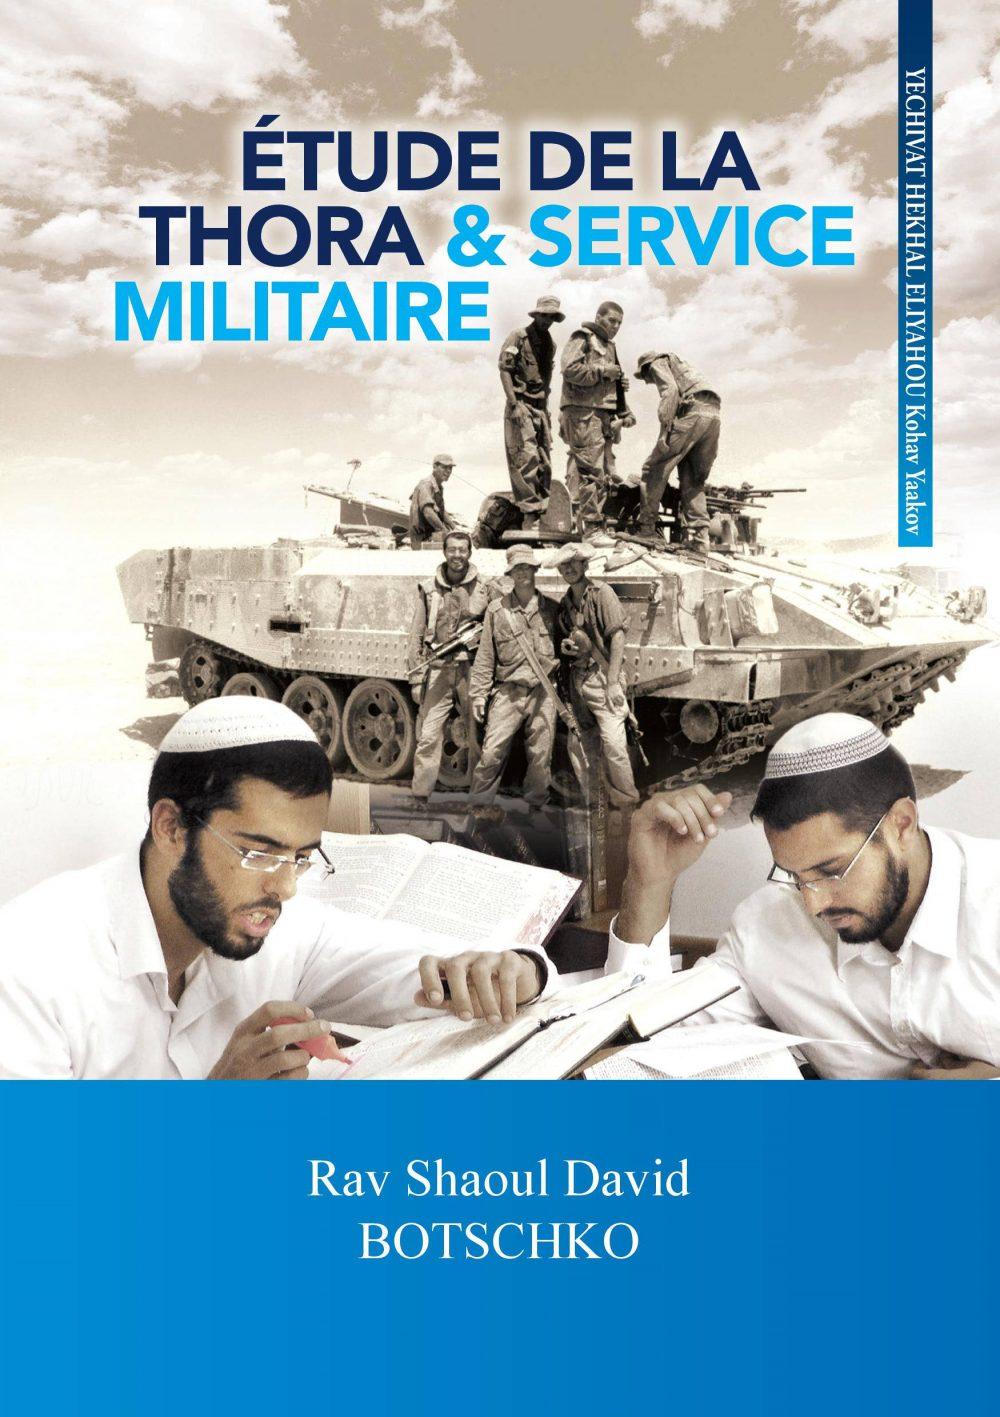 Couverture de la Brochure Etude de la Thora et service militaire